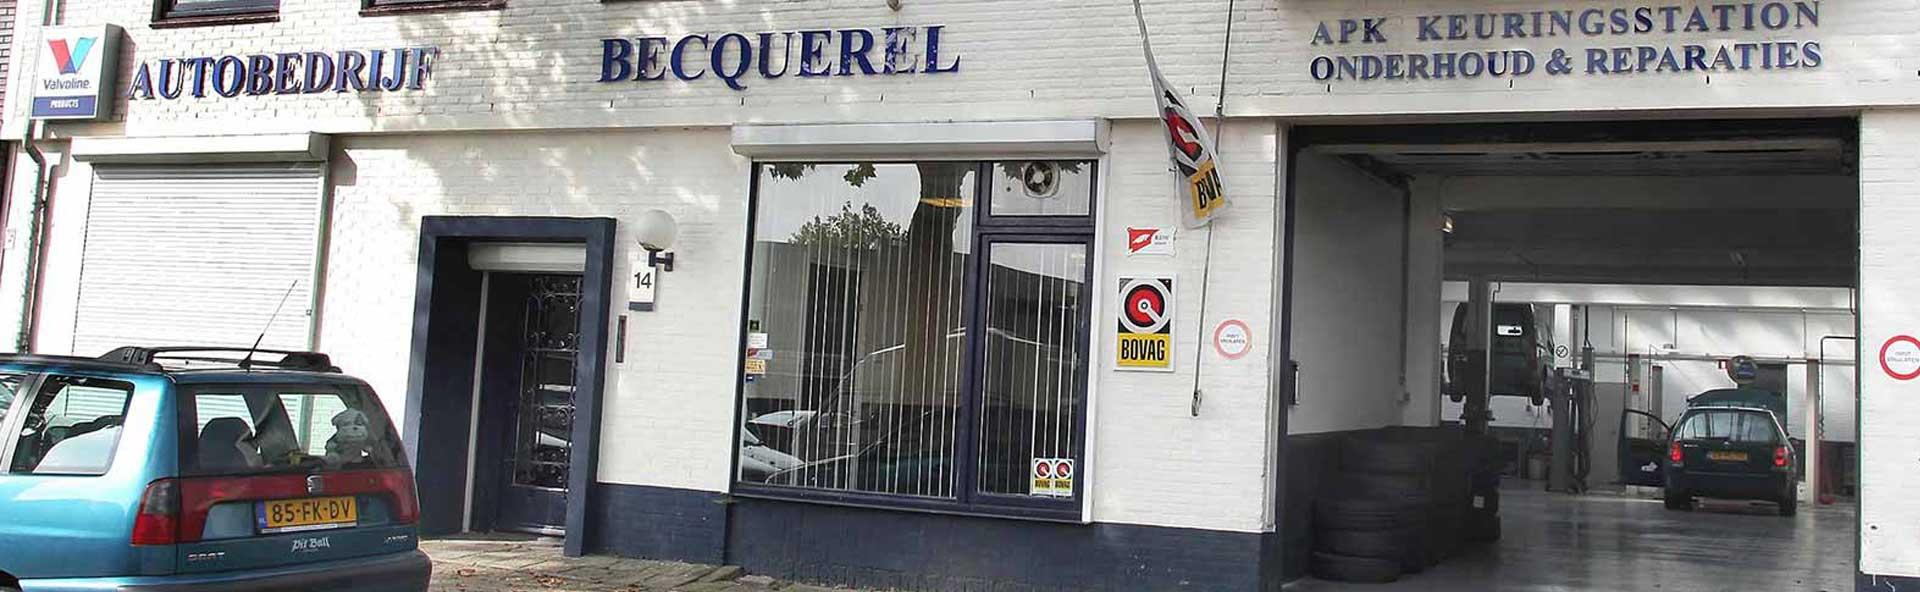 Autobedrijf Becquerel